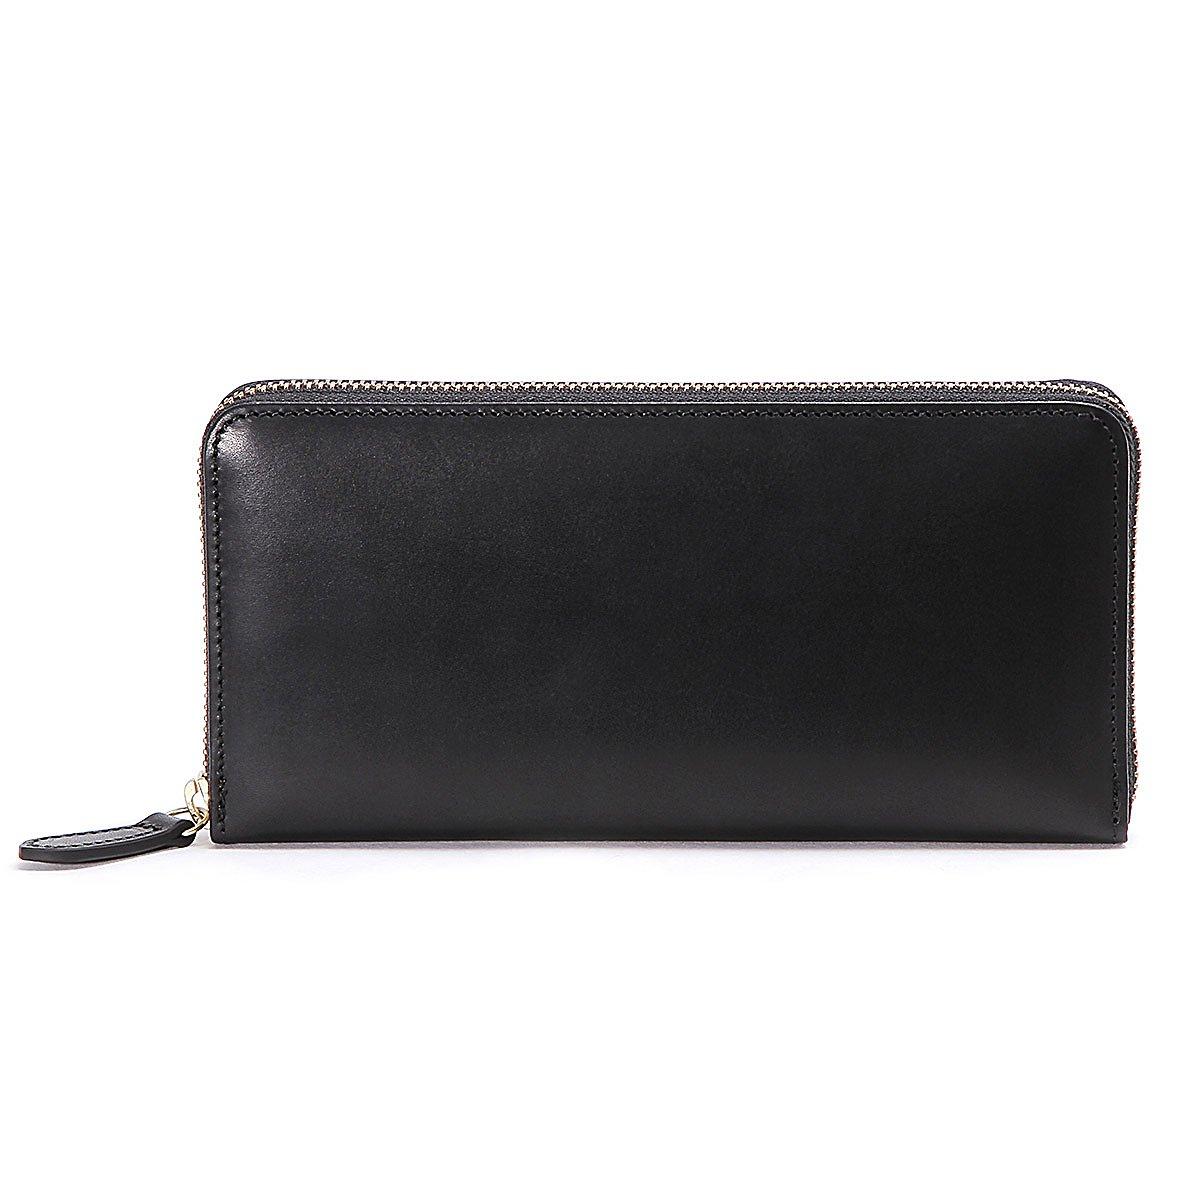 スロウ 長財布 round long wallet herbie SO659G B07FYHYV1R ブラック ブラック